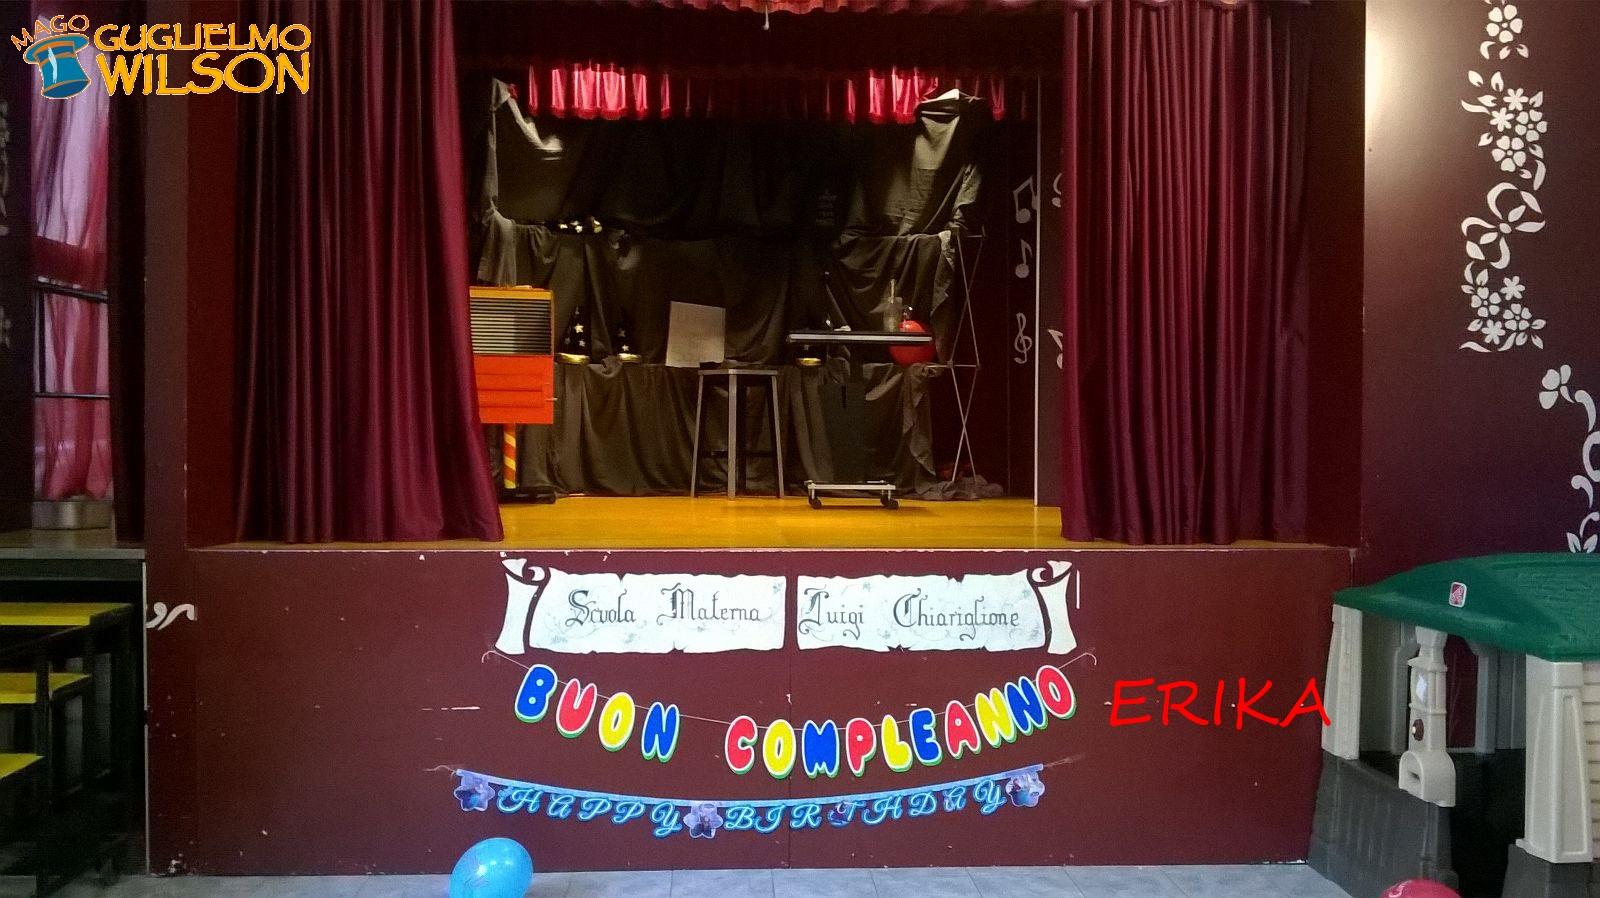 Un scuola dell'infanzia davvero speciale...con un palco così!